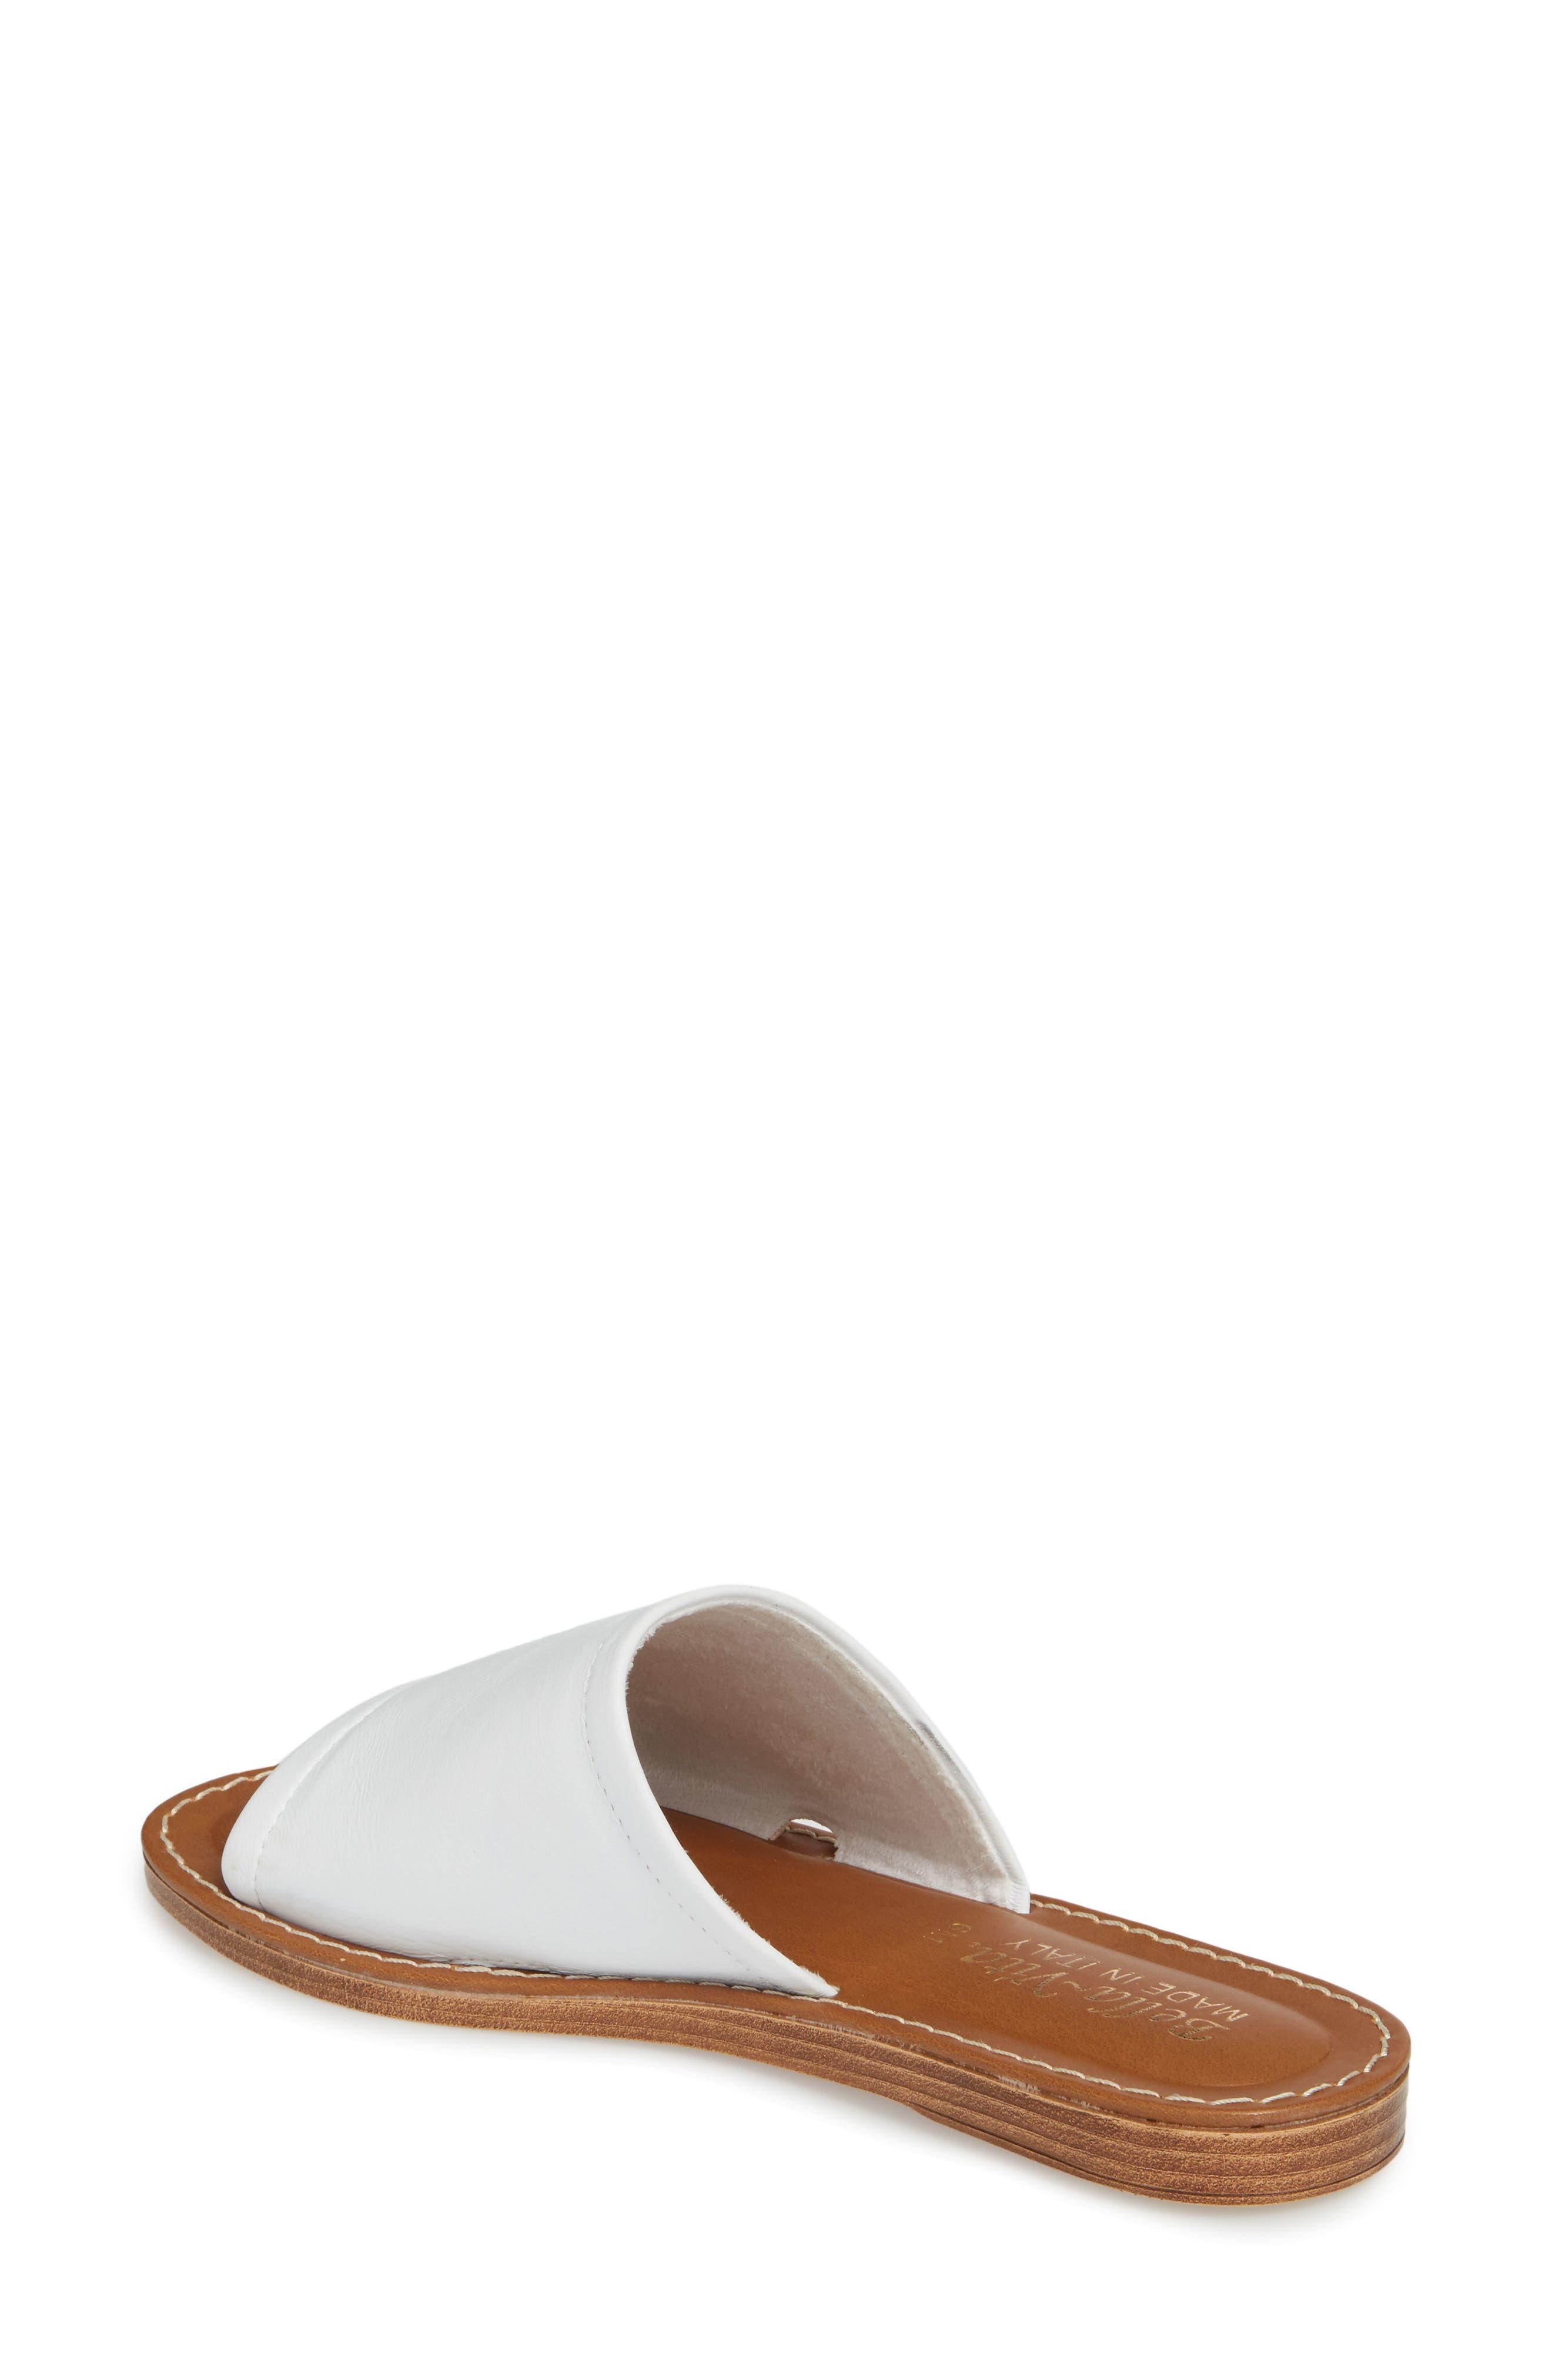 BELLA VITA, Ros Slide Sandal, Alternate thumbnail 2, color, WHITE LEATHER